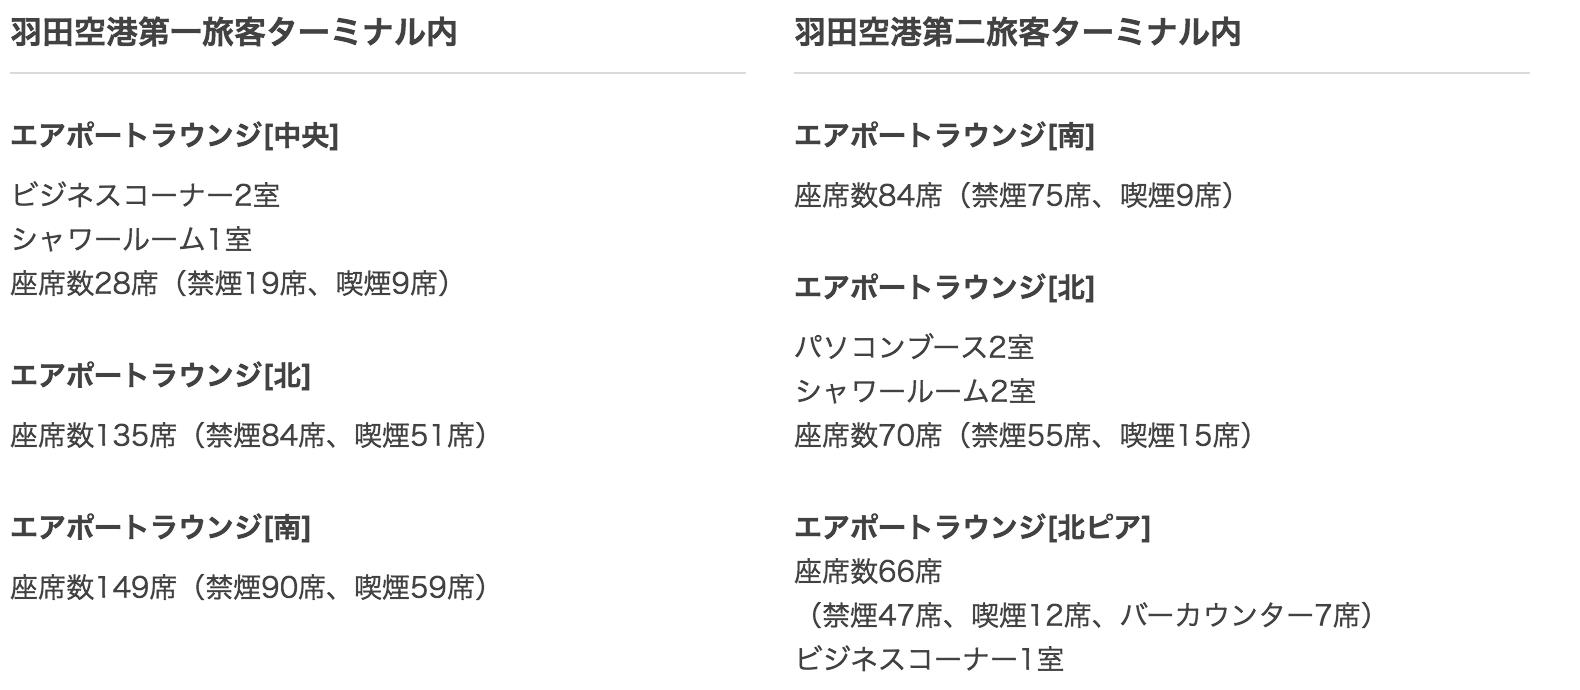 イオン ゴールドカード 羽田空港 ラウンジ